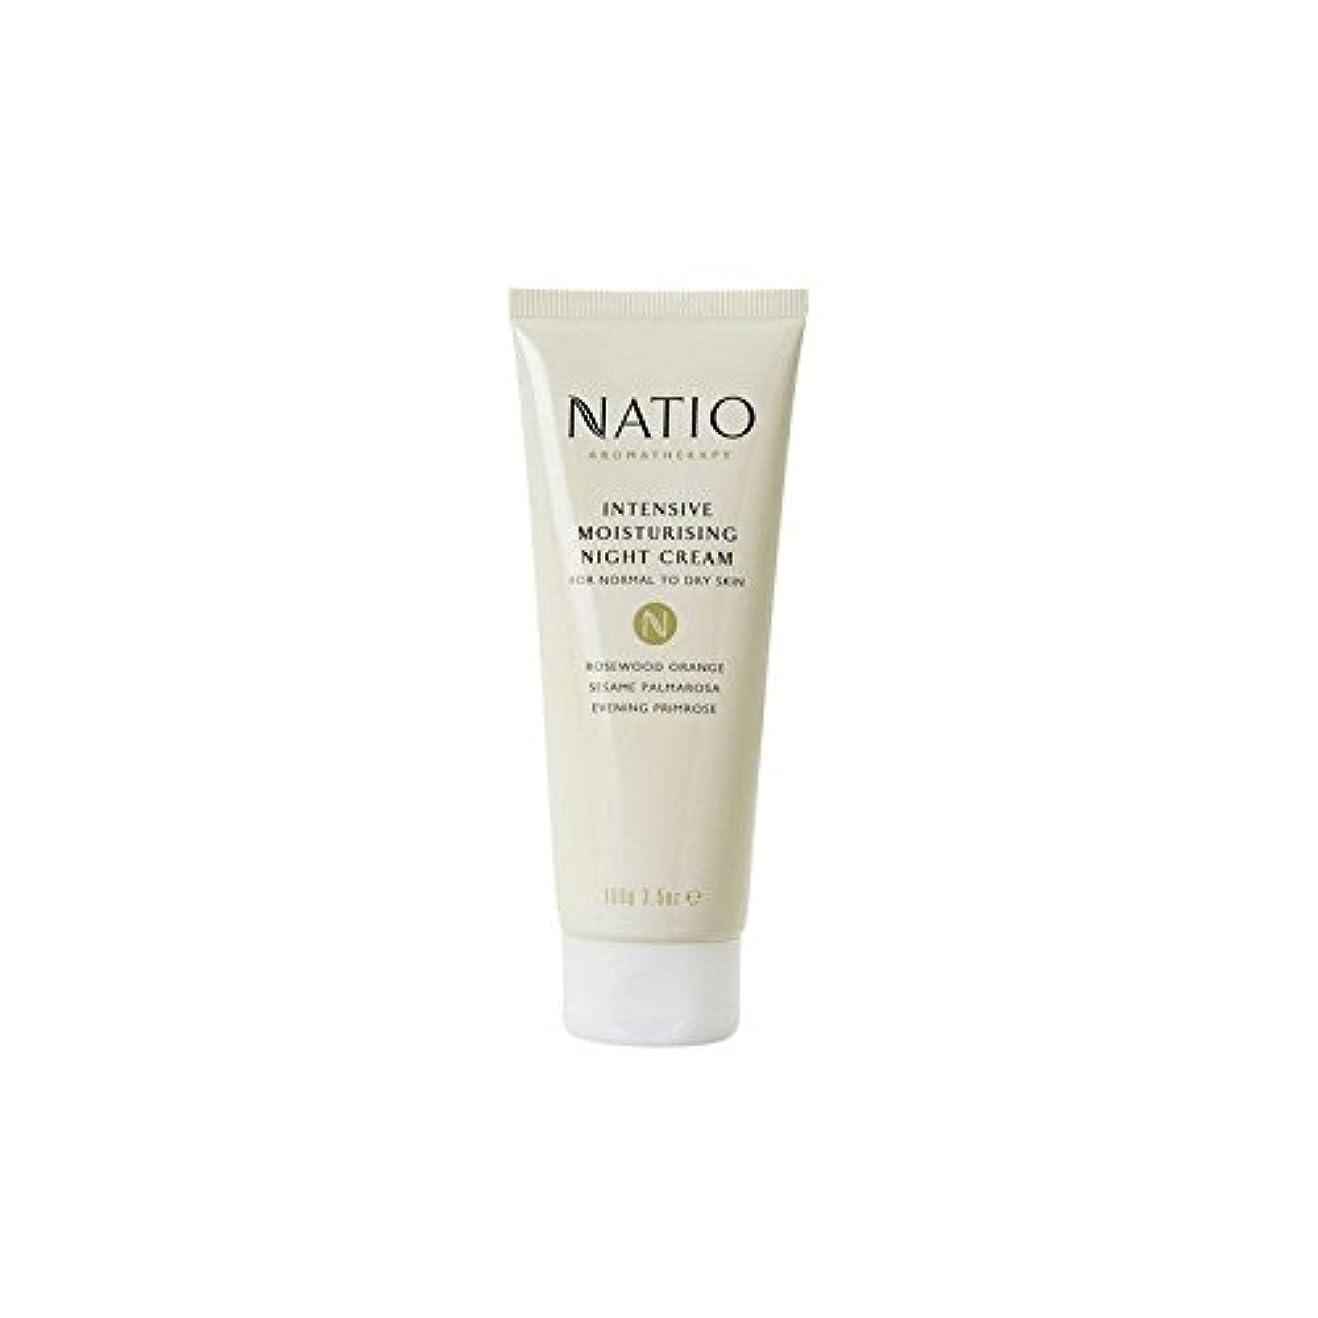 抜け目がない代表してキャプテンブライ集中的な保湿ナイトクリーム(100グラム) x2 - Natio Intensive Moisturising Night Cream (100G) (Pack of 2) [並行輸入品]